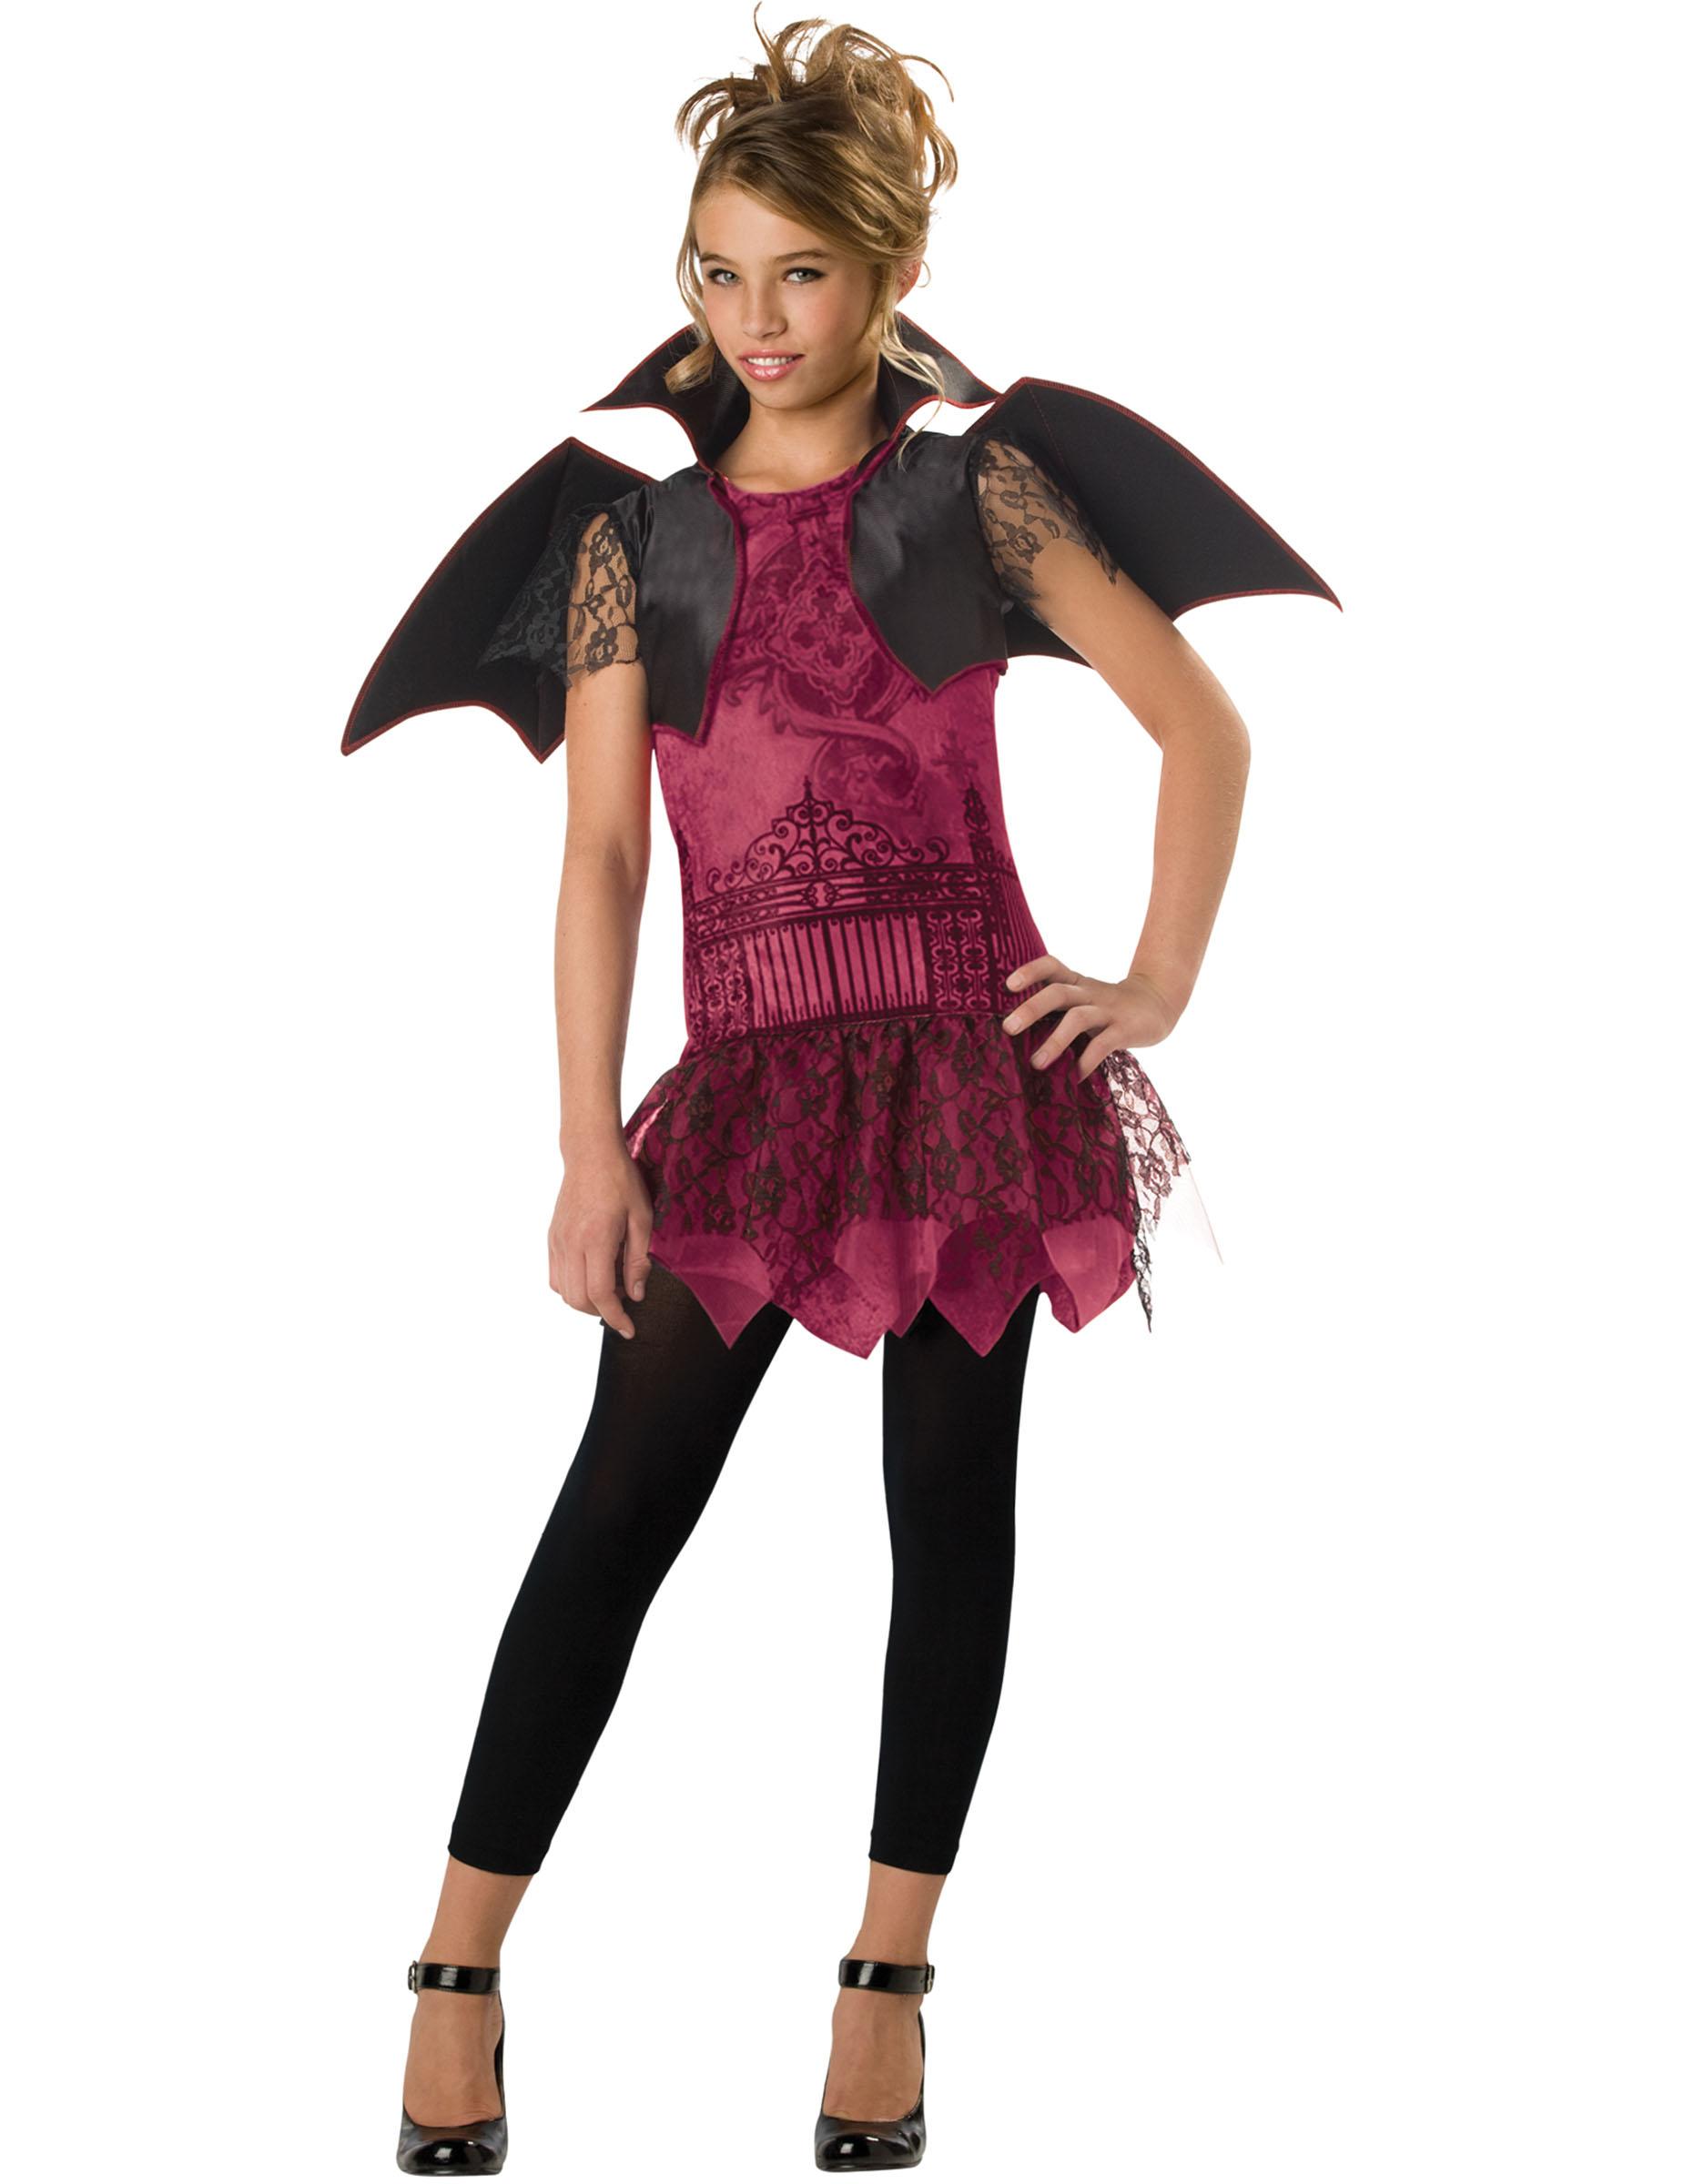 Costume pipistrello ragazza  br   - Premium su VegaooParty 12d818daa09